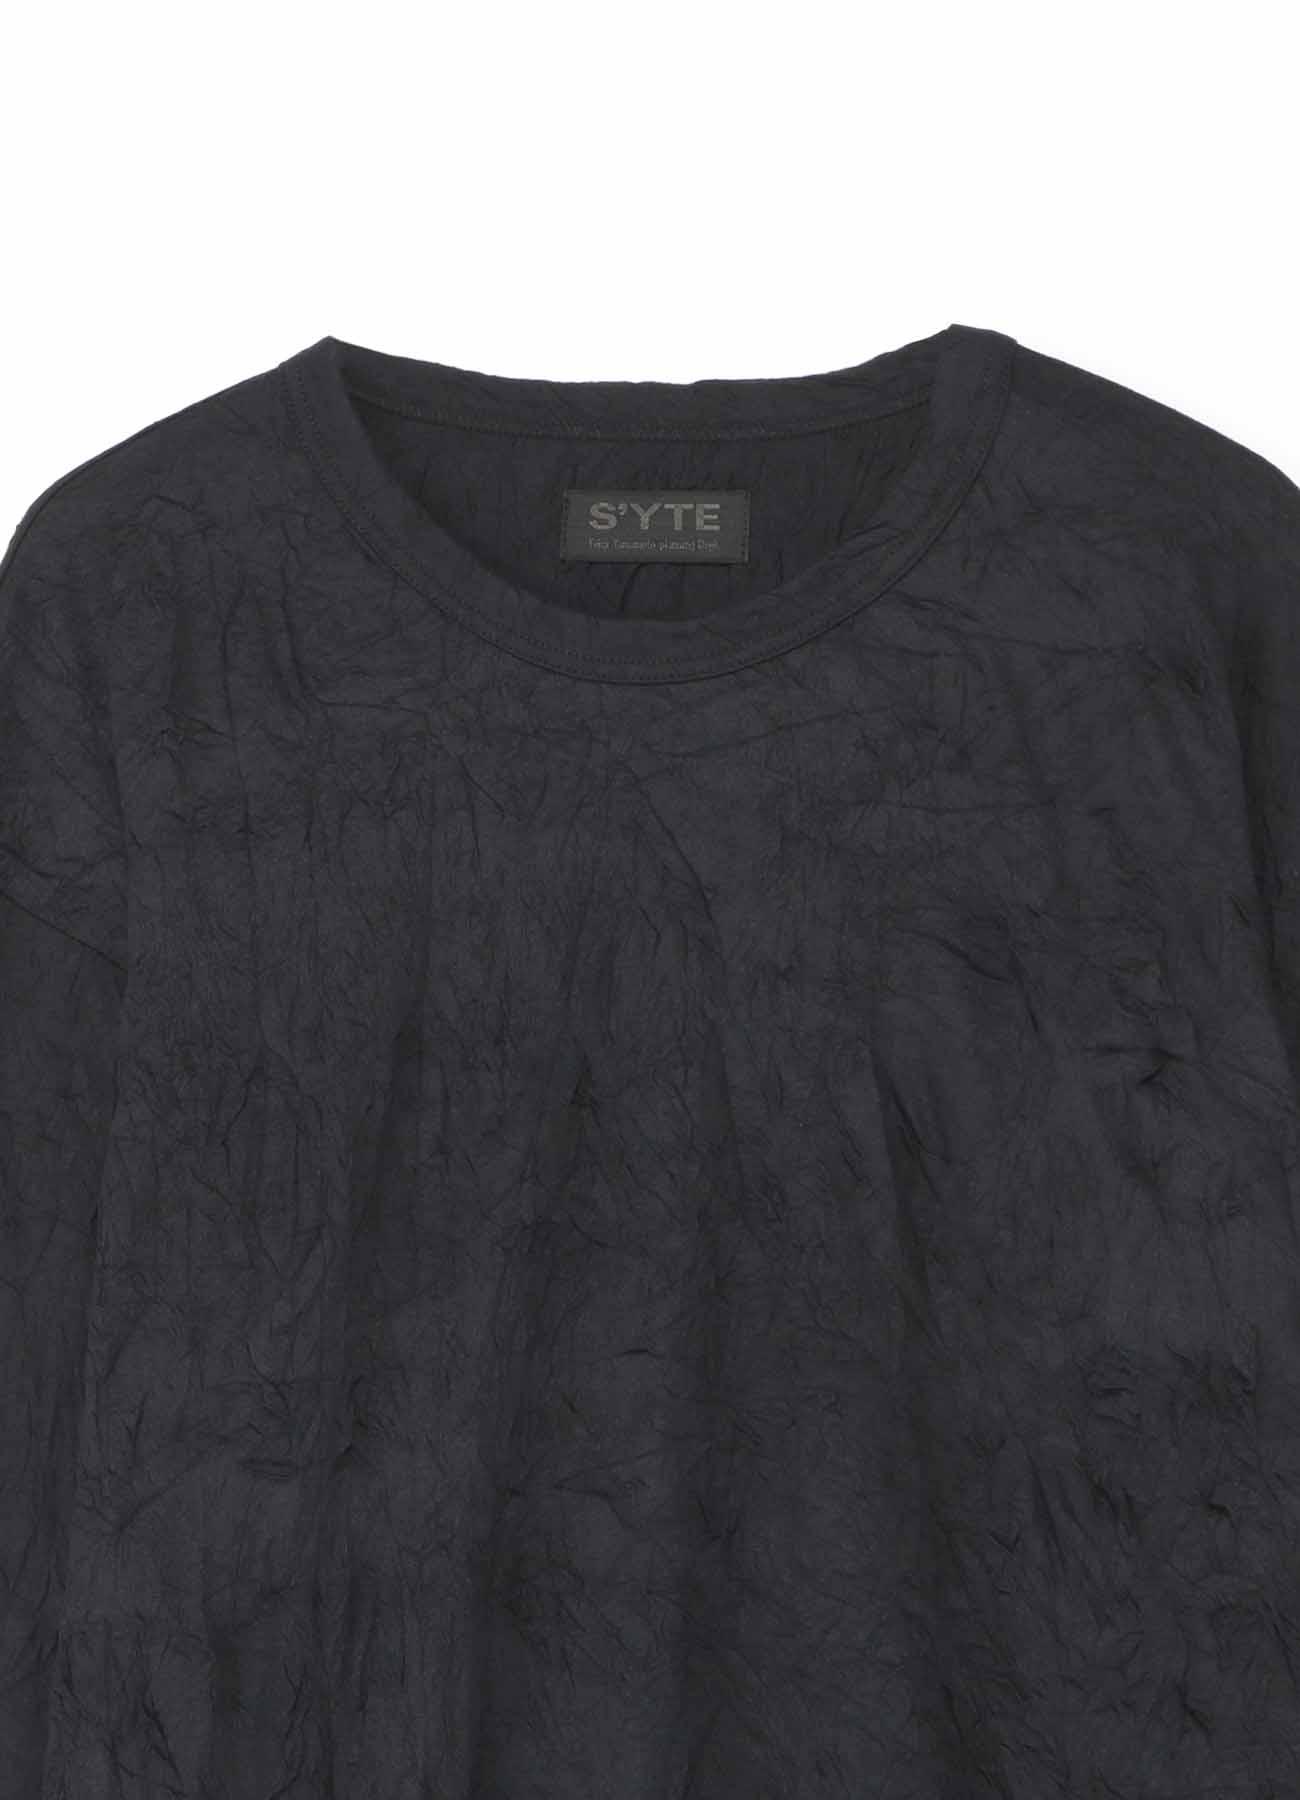 褶皱加工基本款长袖T恤